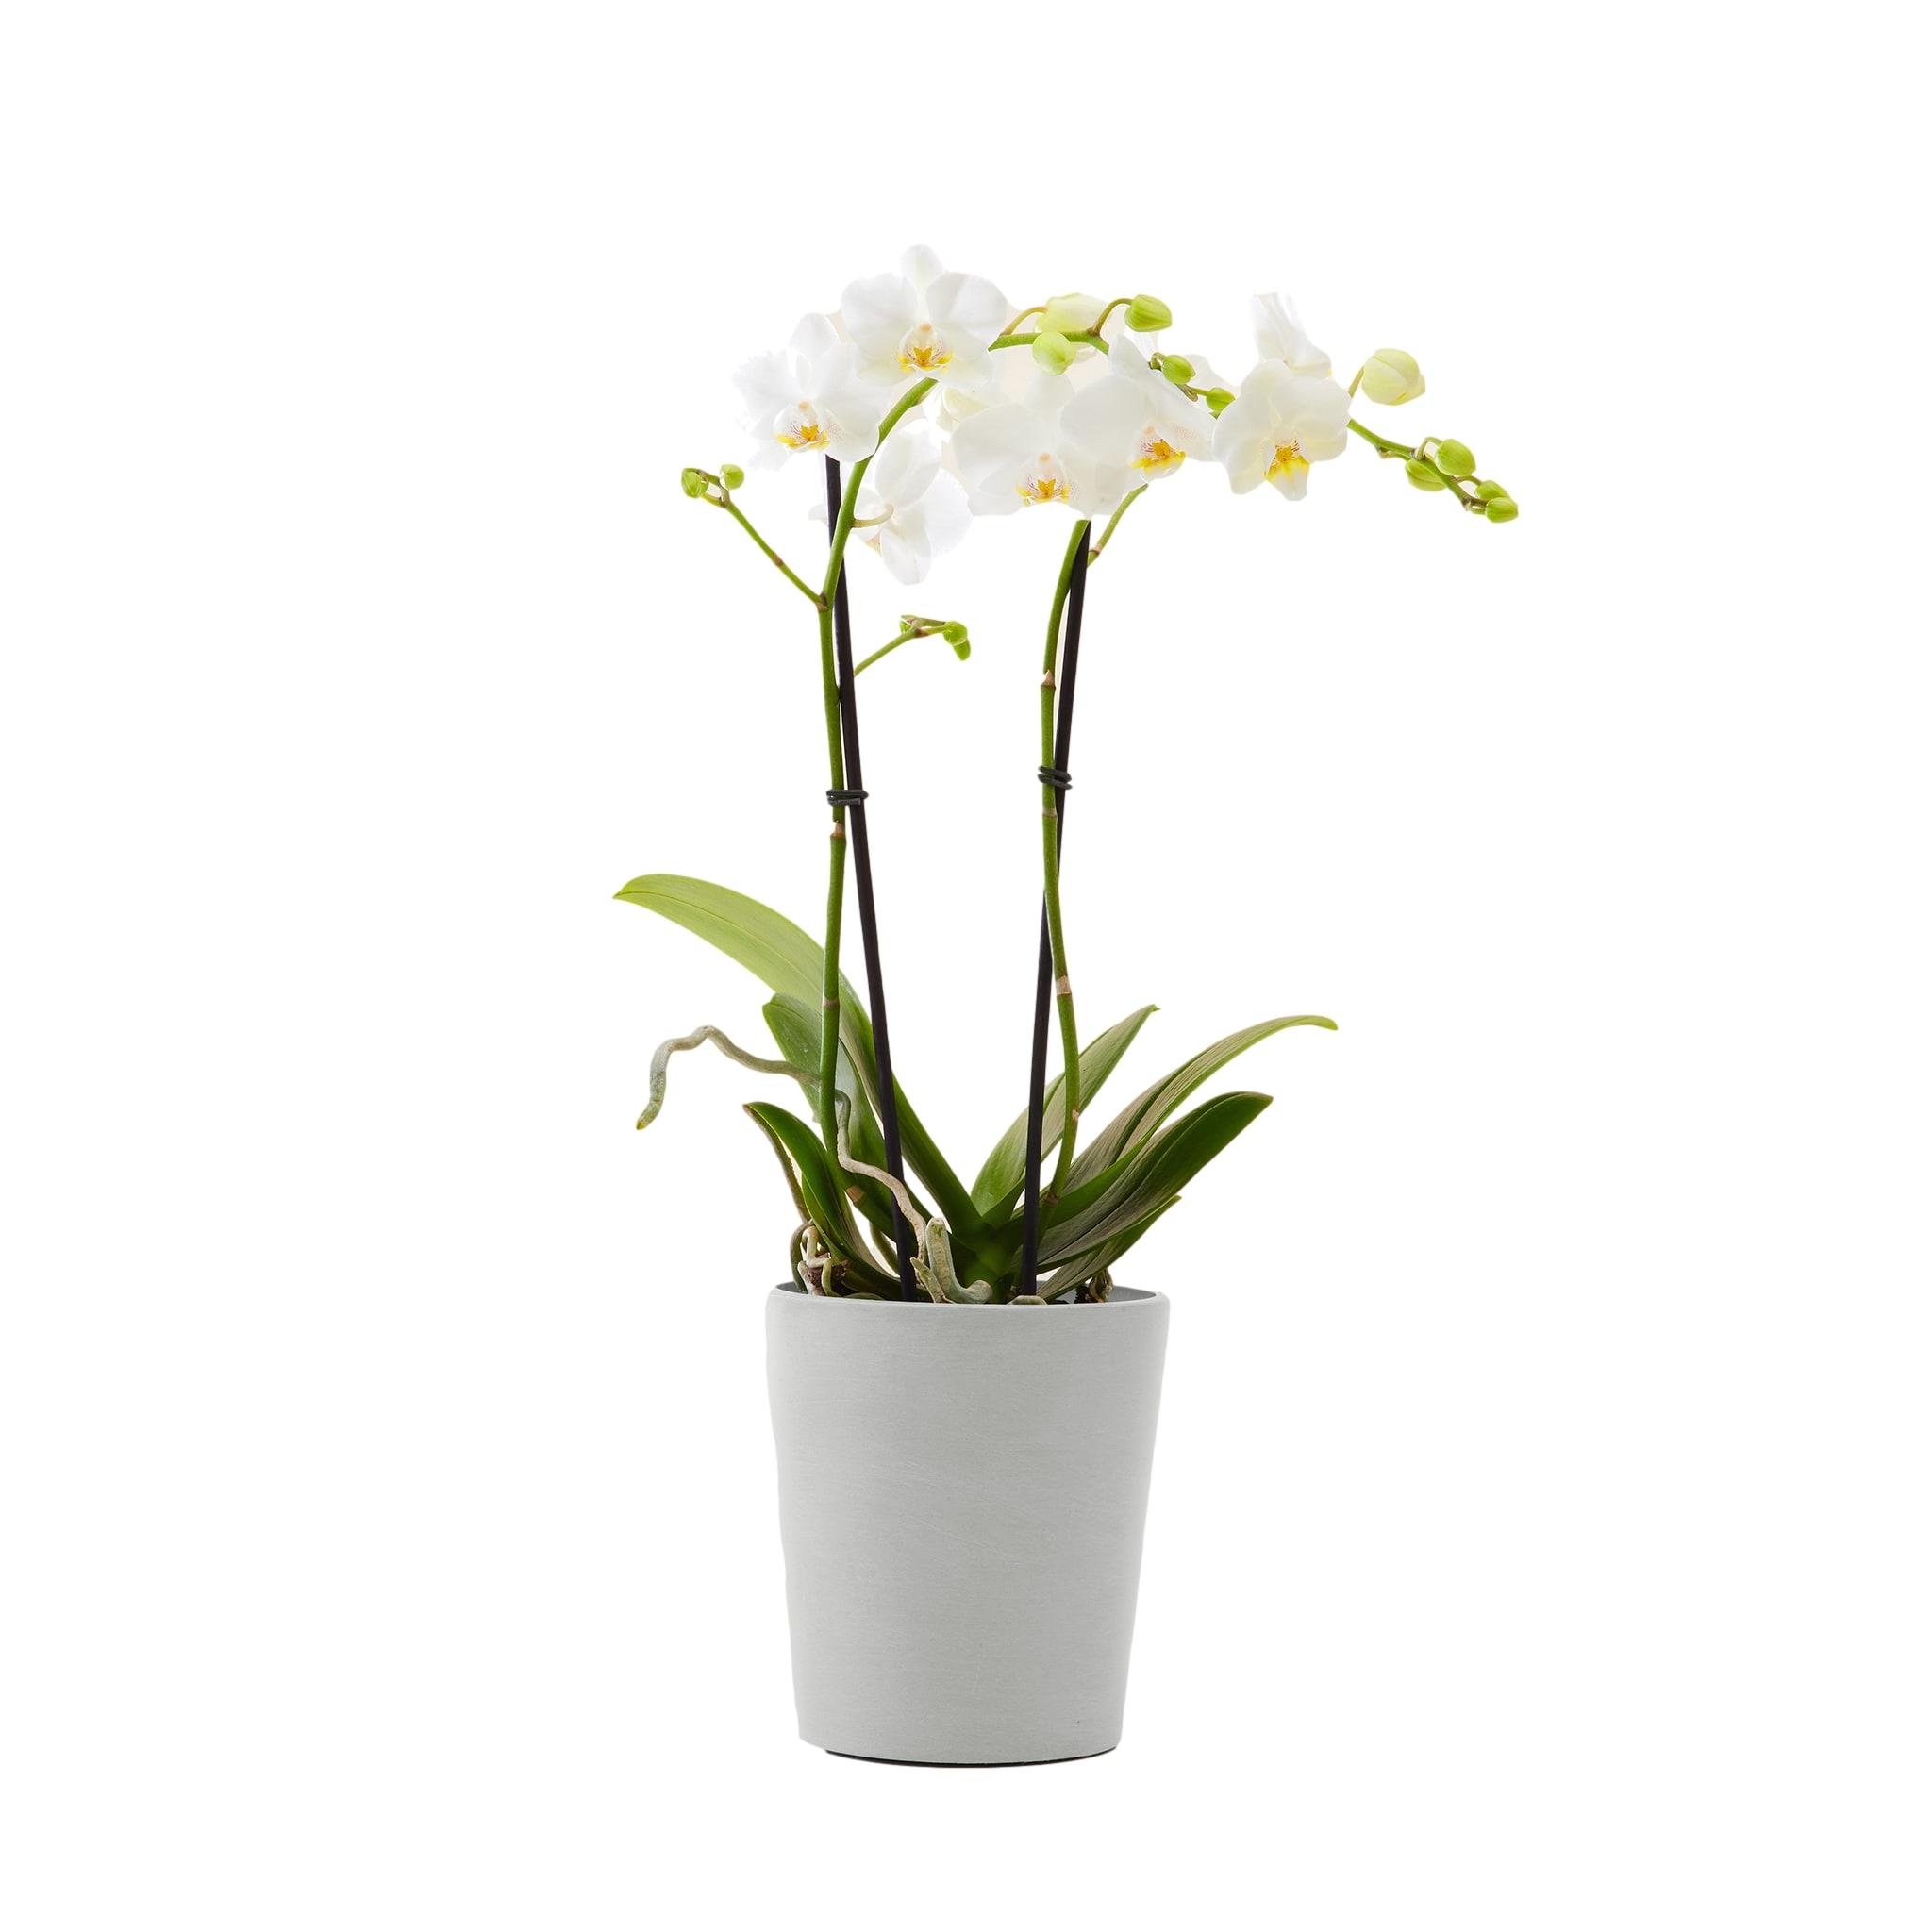 Plante d'intérieur - Orchidée blanche 50 cm en pot blanc gris